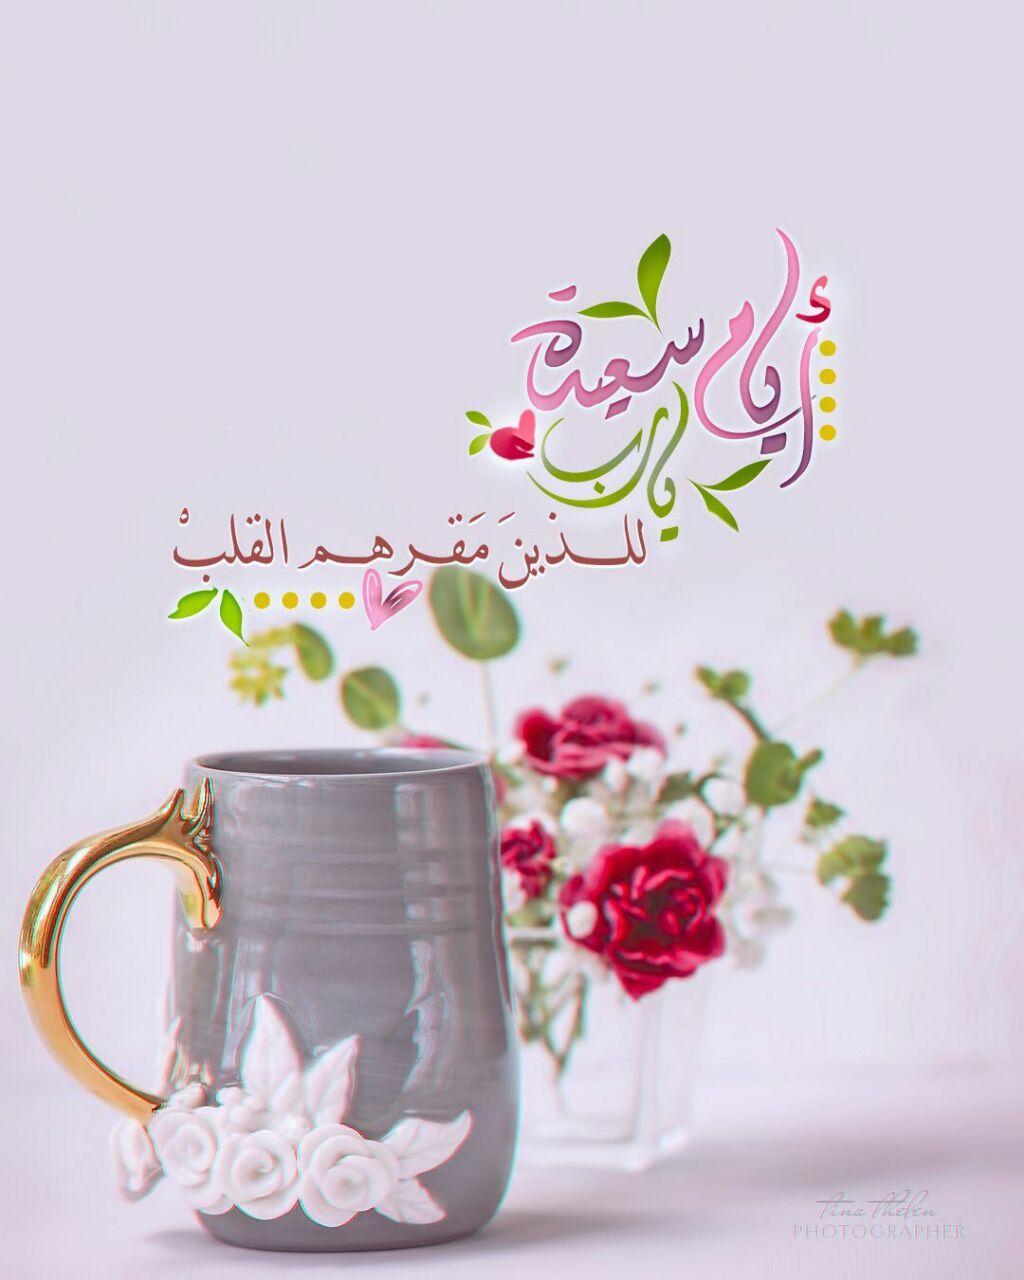 رزقكم الله راحة البال وفرج همكم ورزقكم من واسع كرمه جمعة مباركة الحياة السعيدة للسياحة Good Morning Arabic Islamic Messages Best Urdu Poetry Images